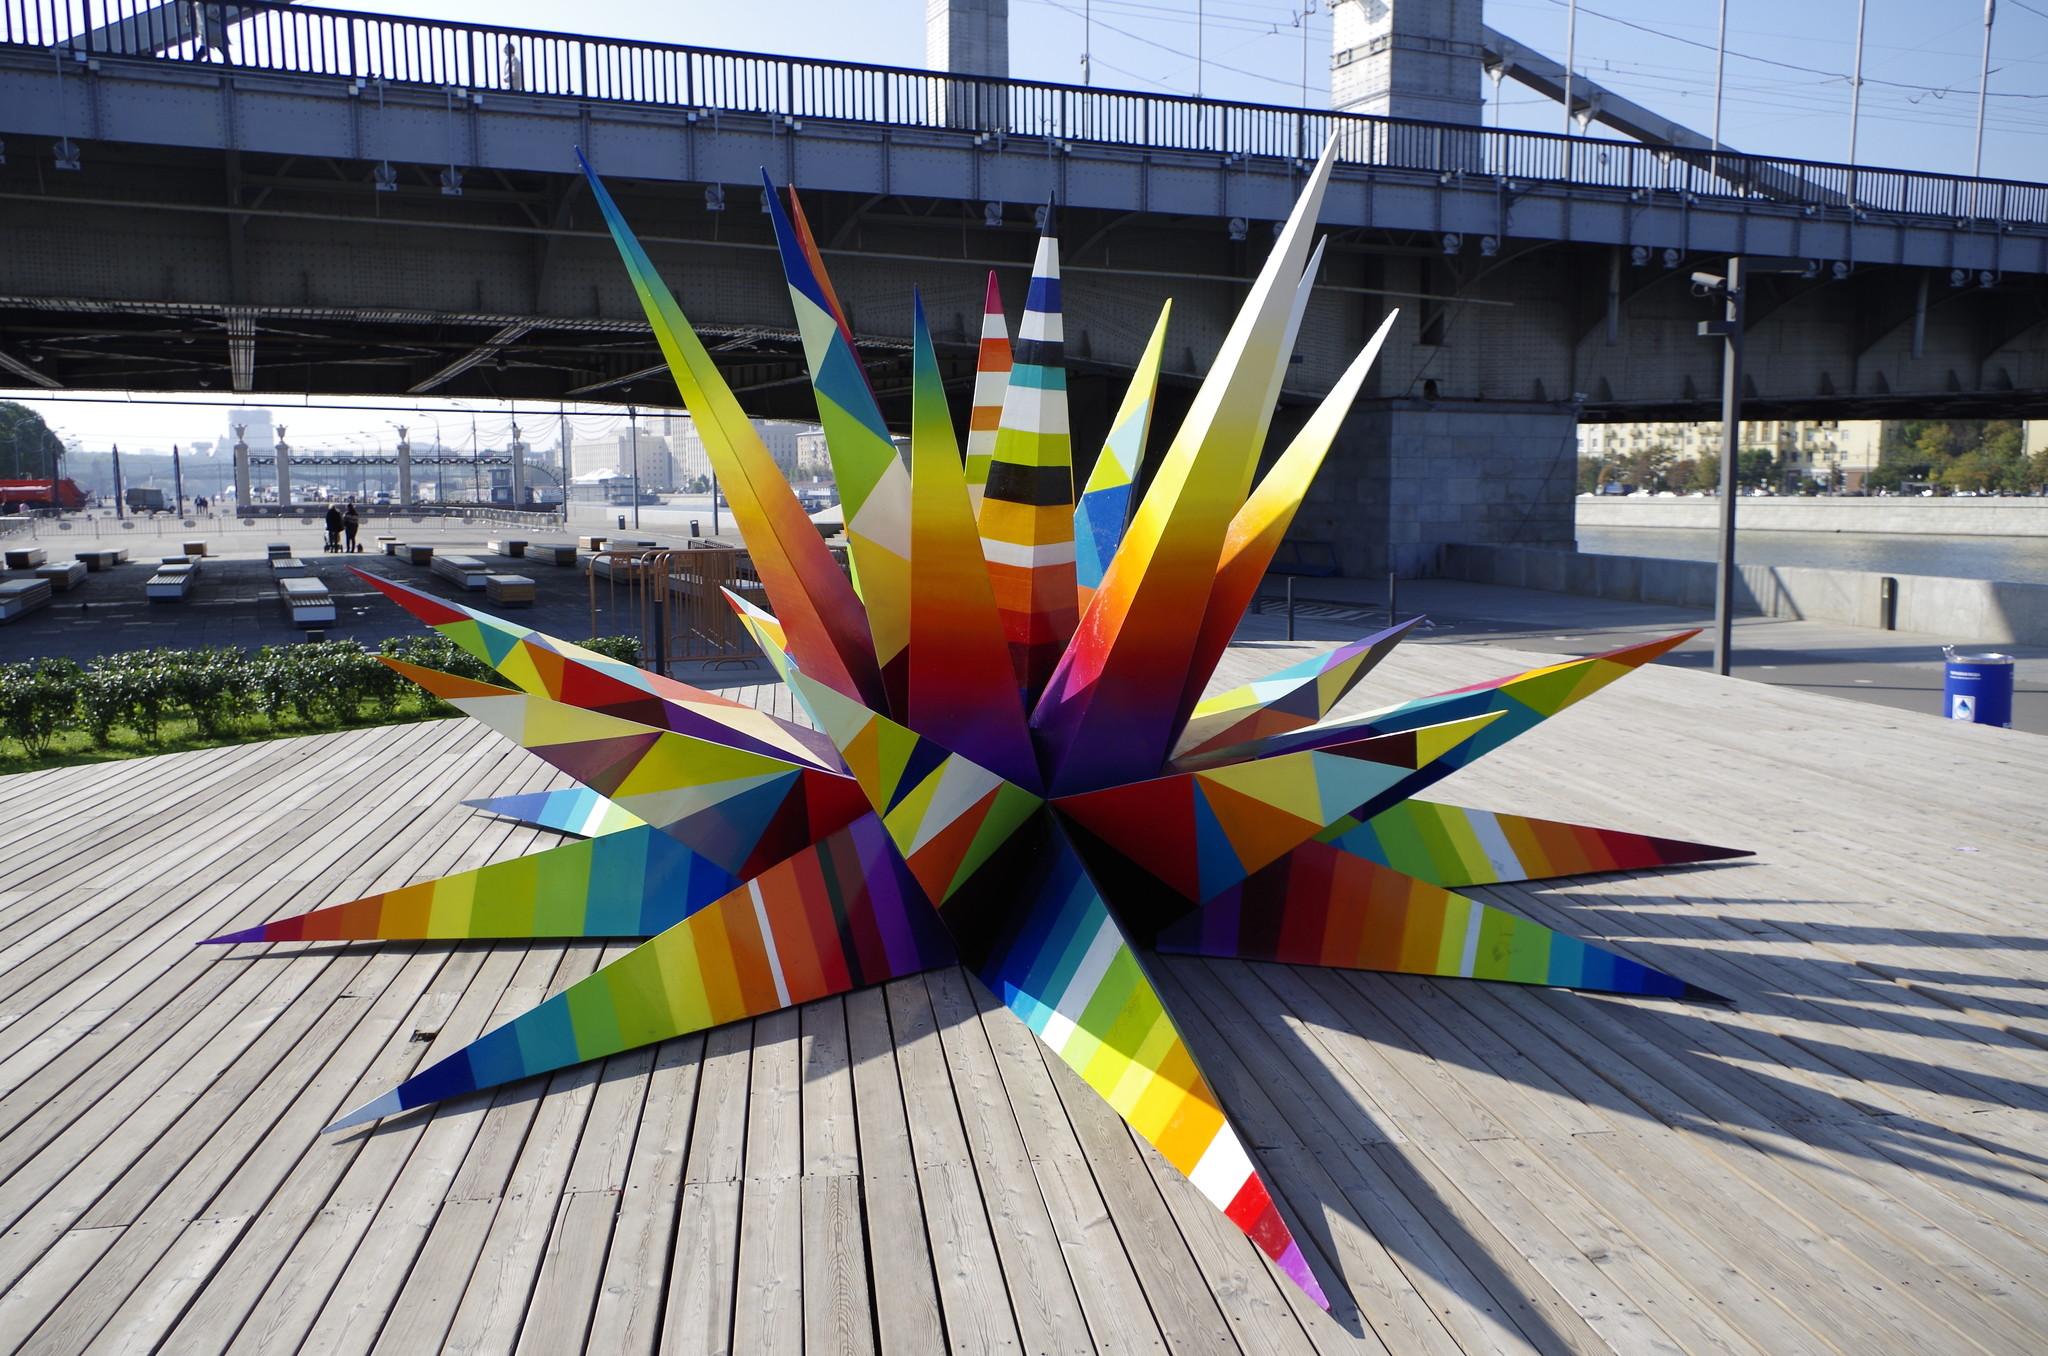 Острые формы и яркие оттенки грандиозной геометрической конструкции видны и с Крымского моста